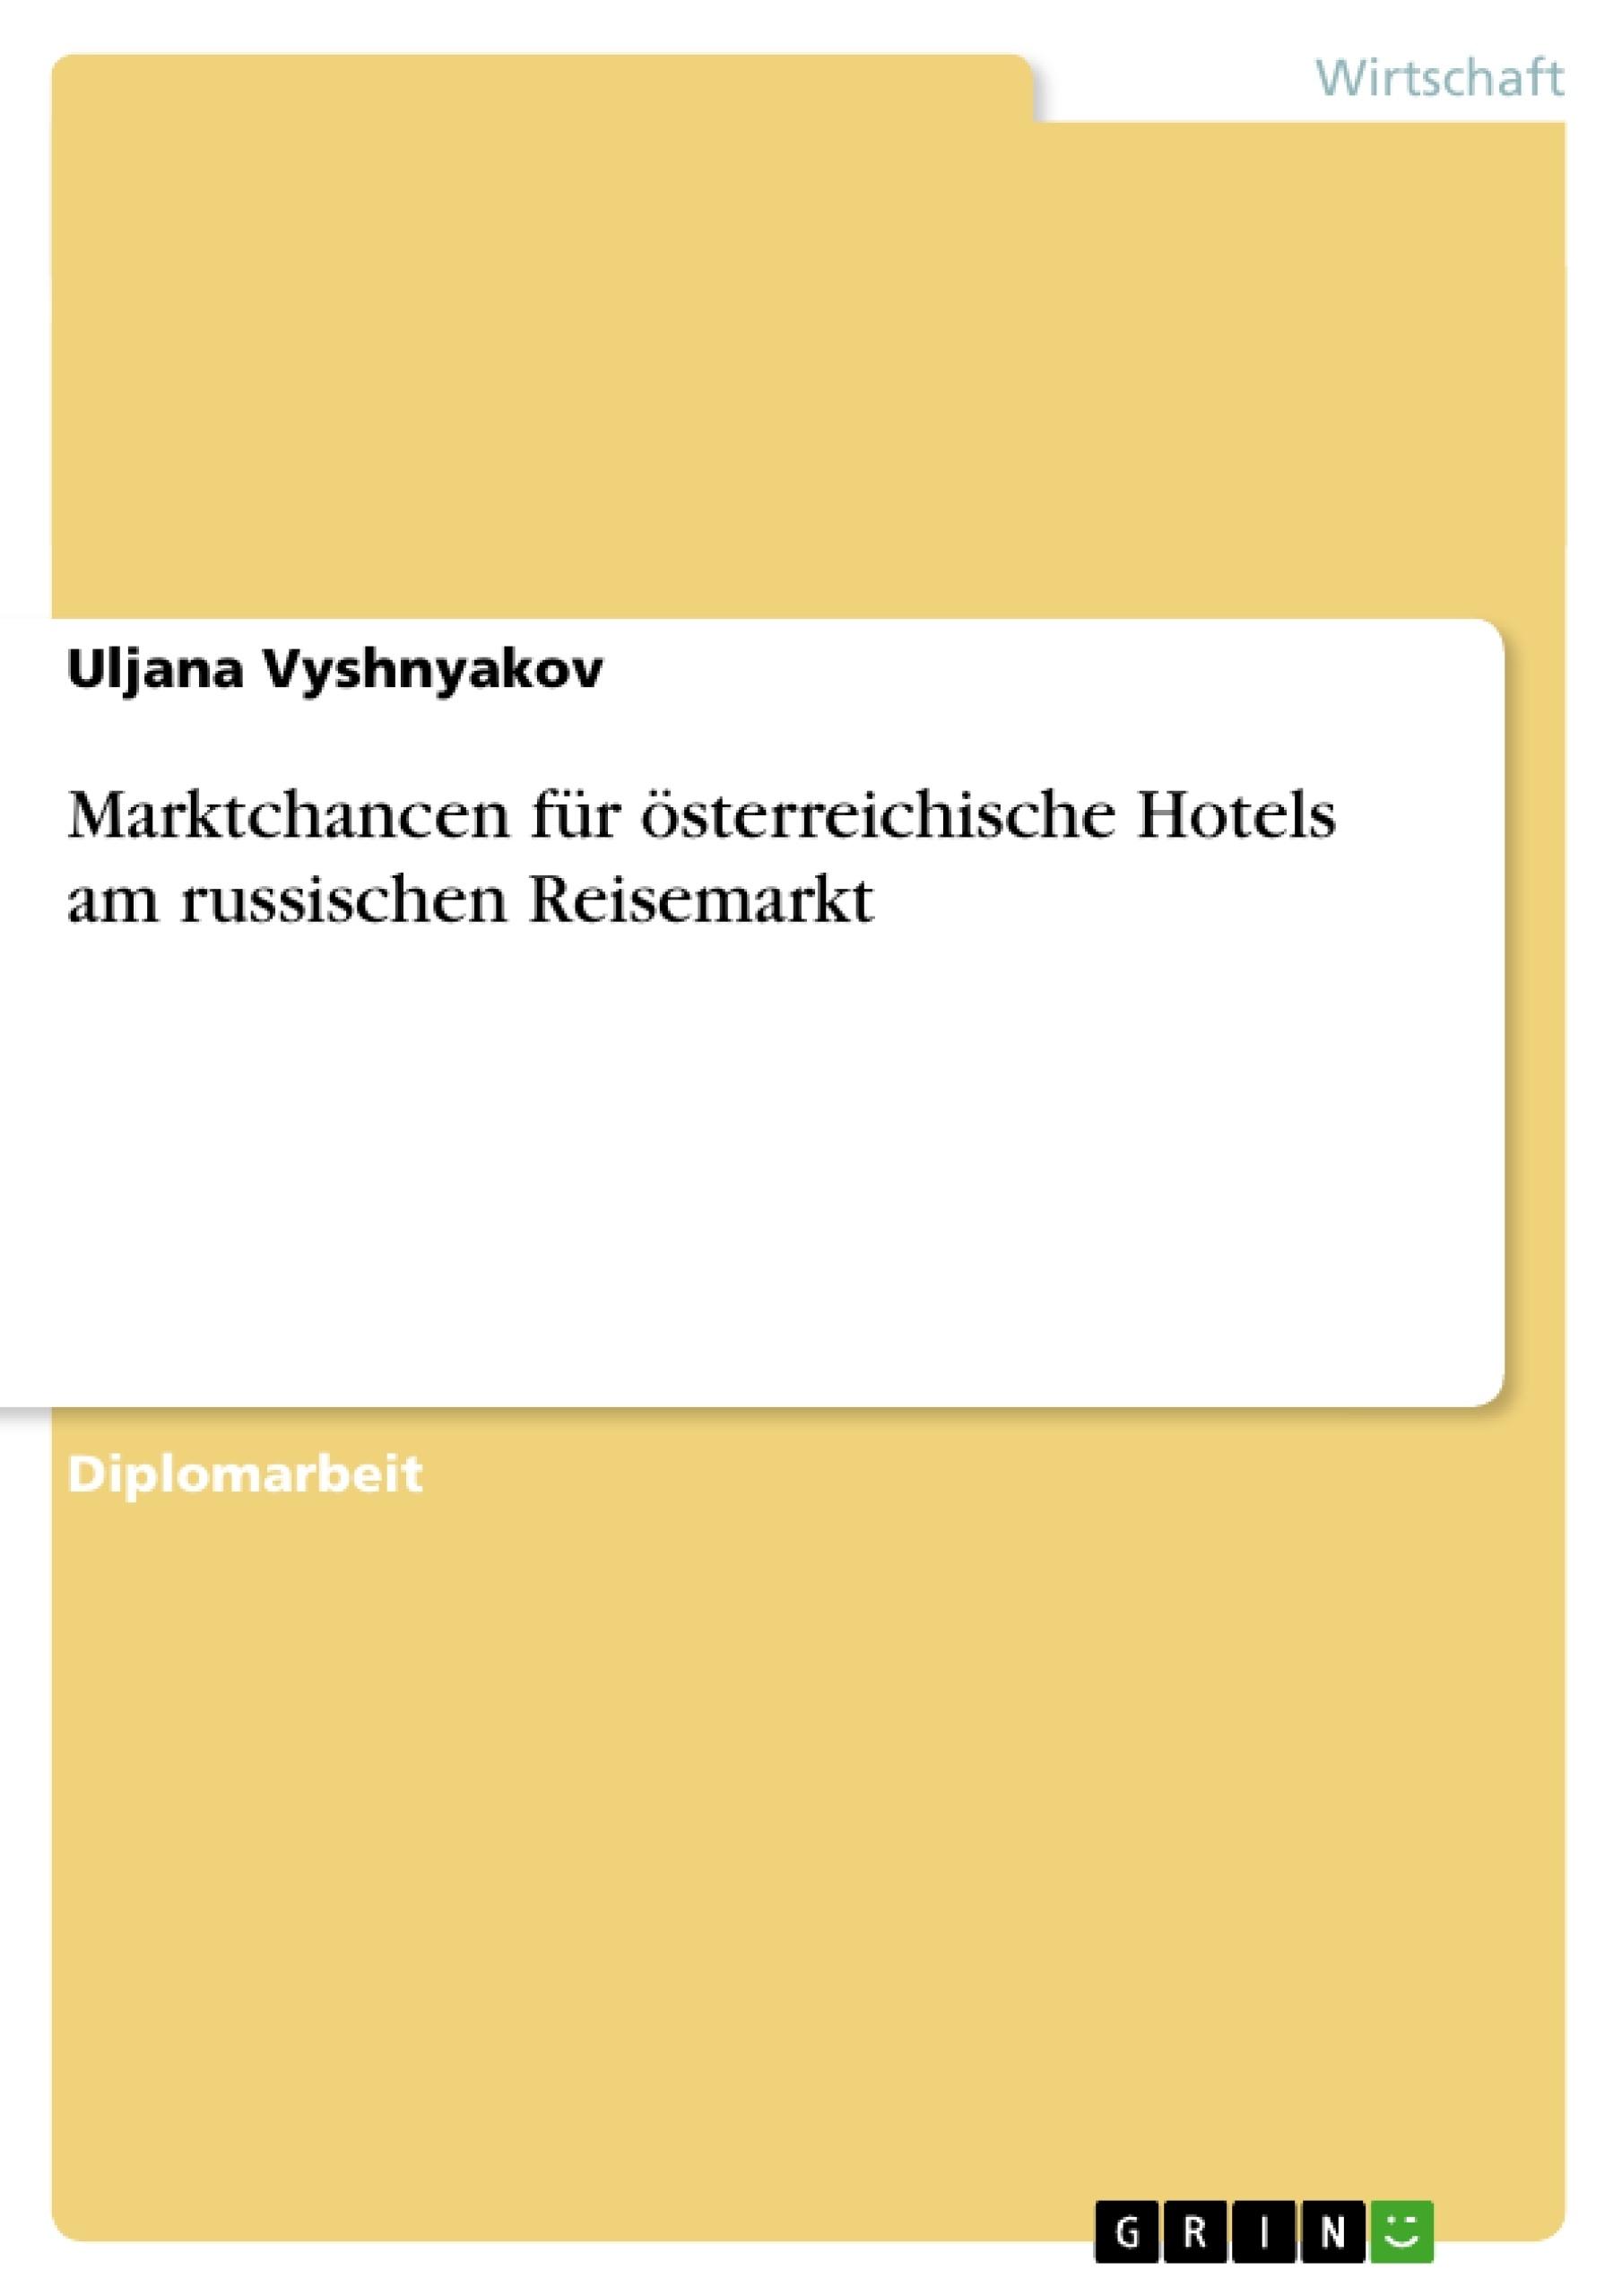 Titel: Marktchancen für österreichische Hotels am russischen Reisemarkt